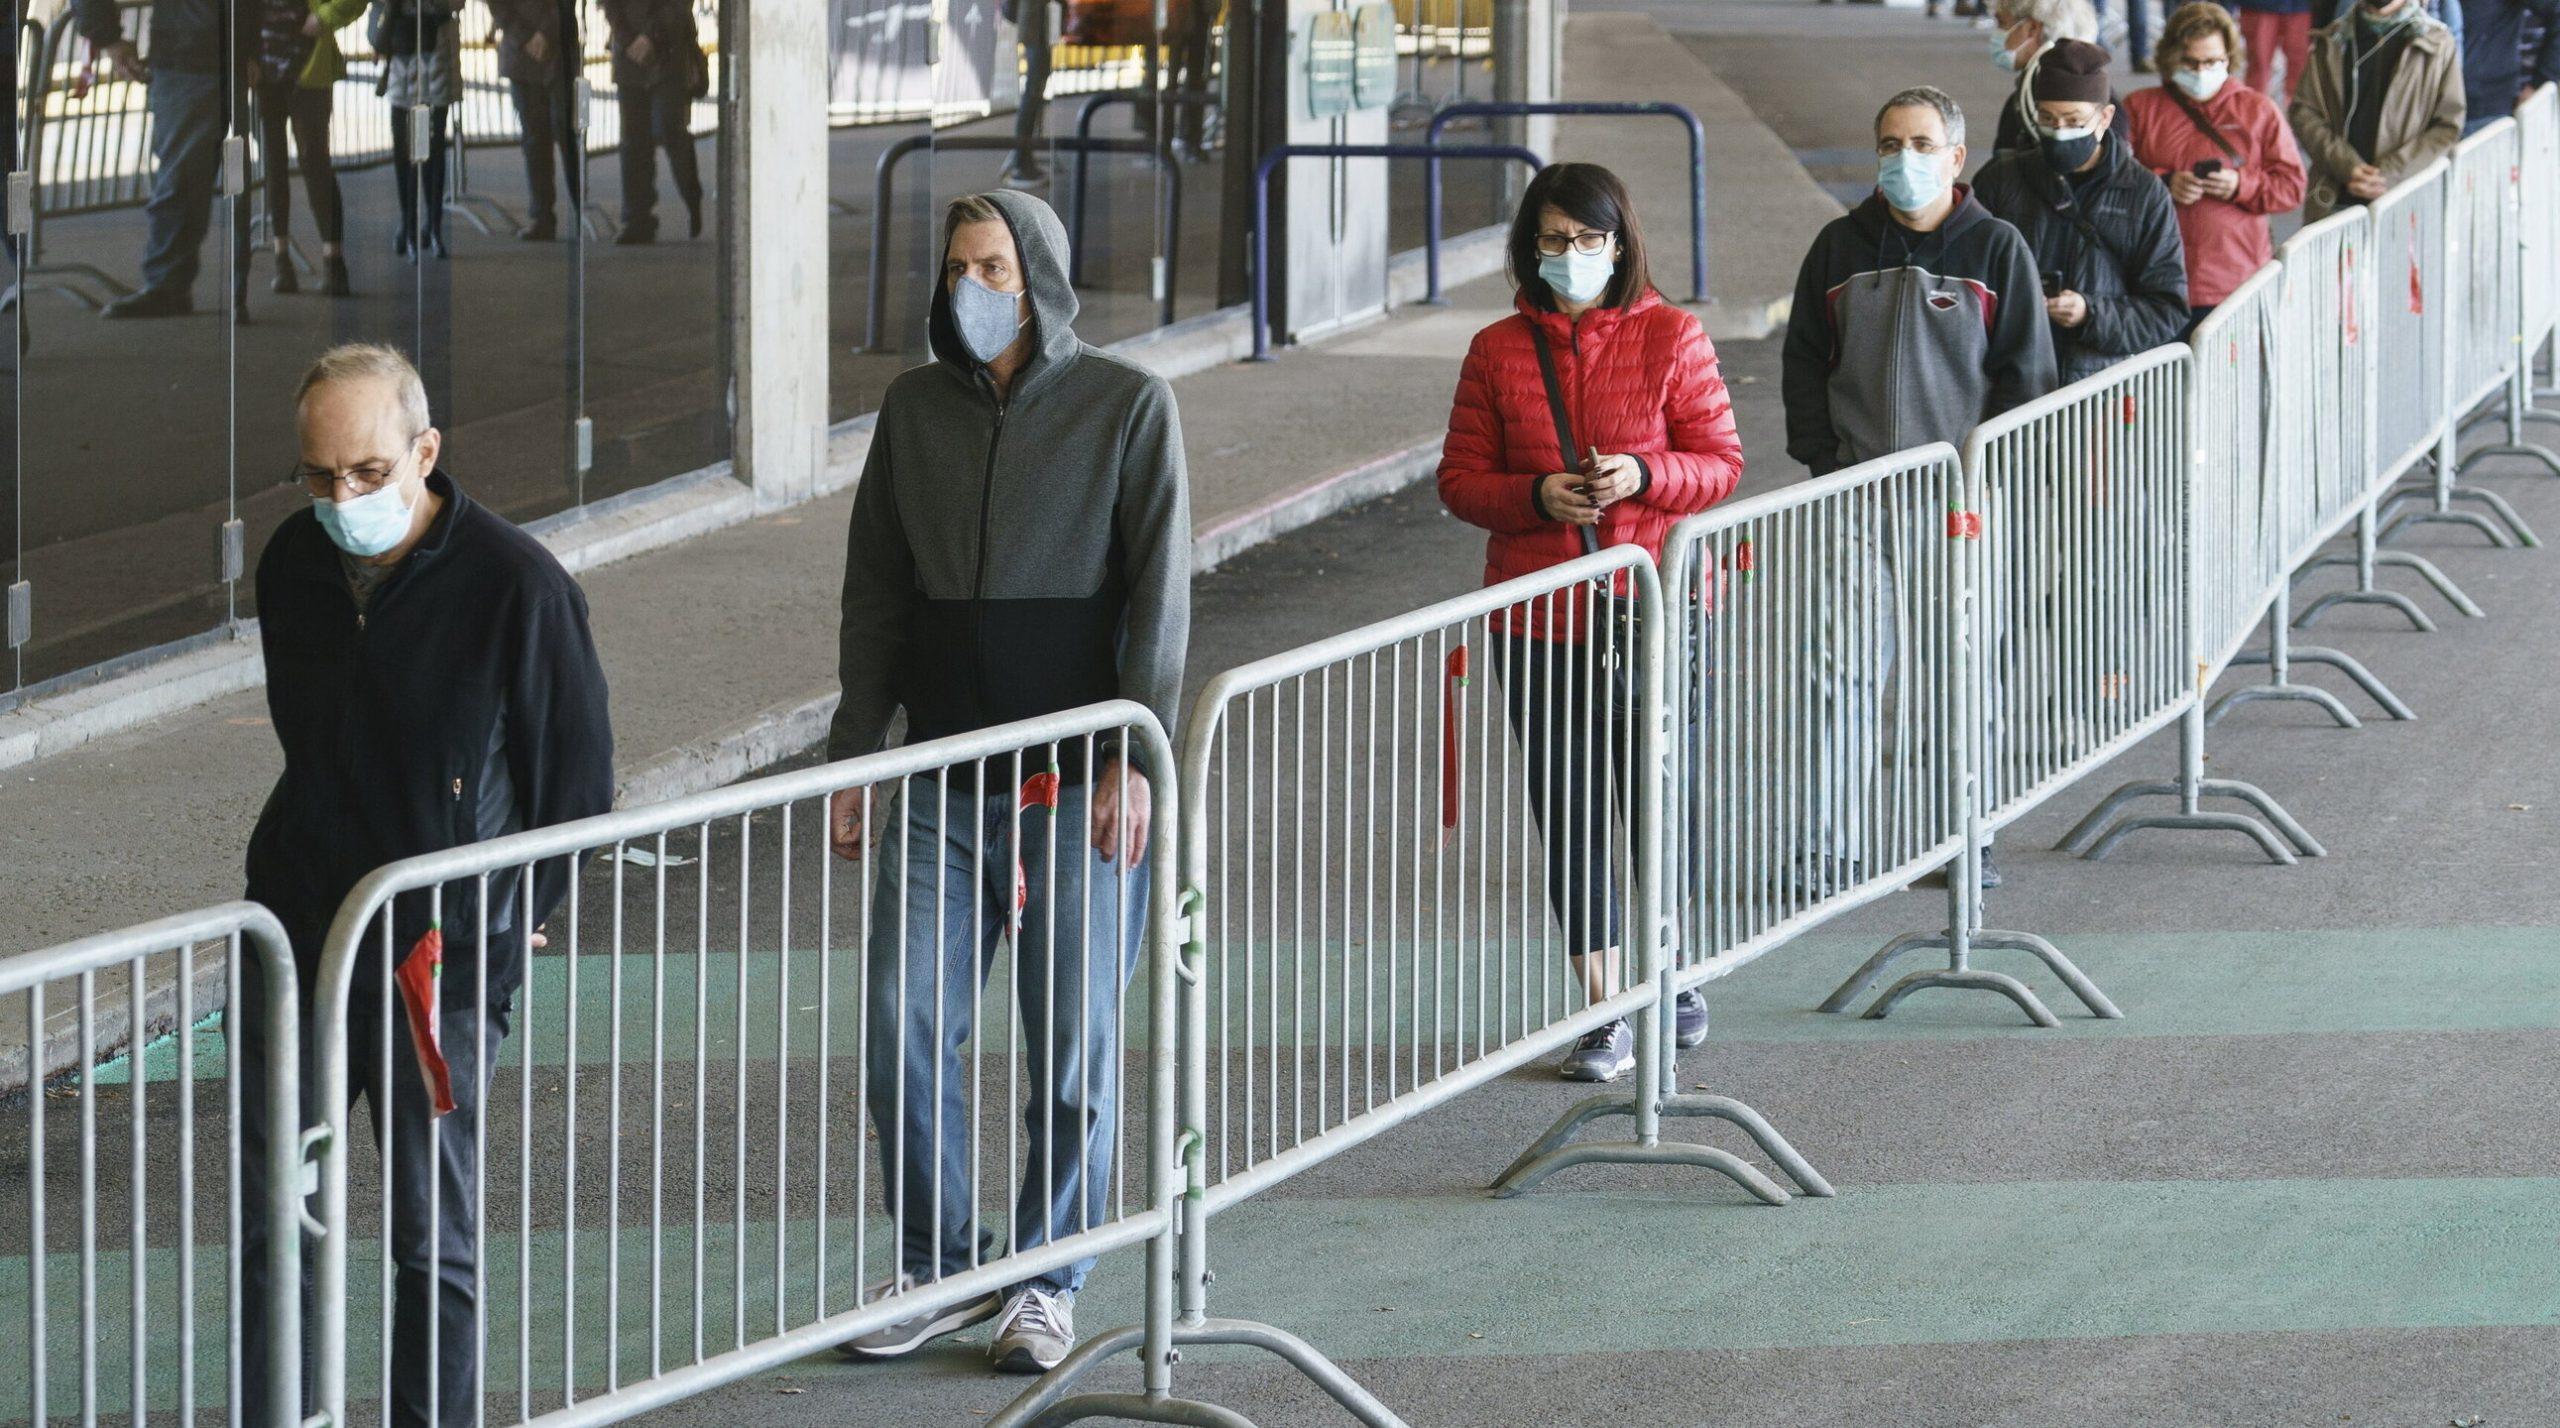 Campaniile de vaccinare încetinesc. Cum încearcă statele să-și convingă cetățenii reticenți să accepte serul anti-Covid